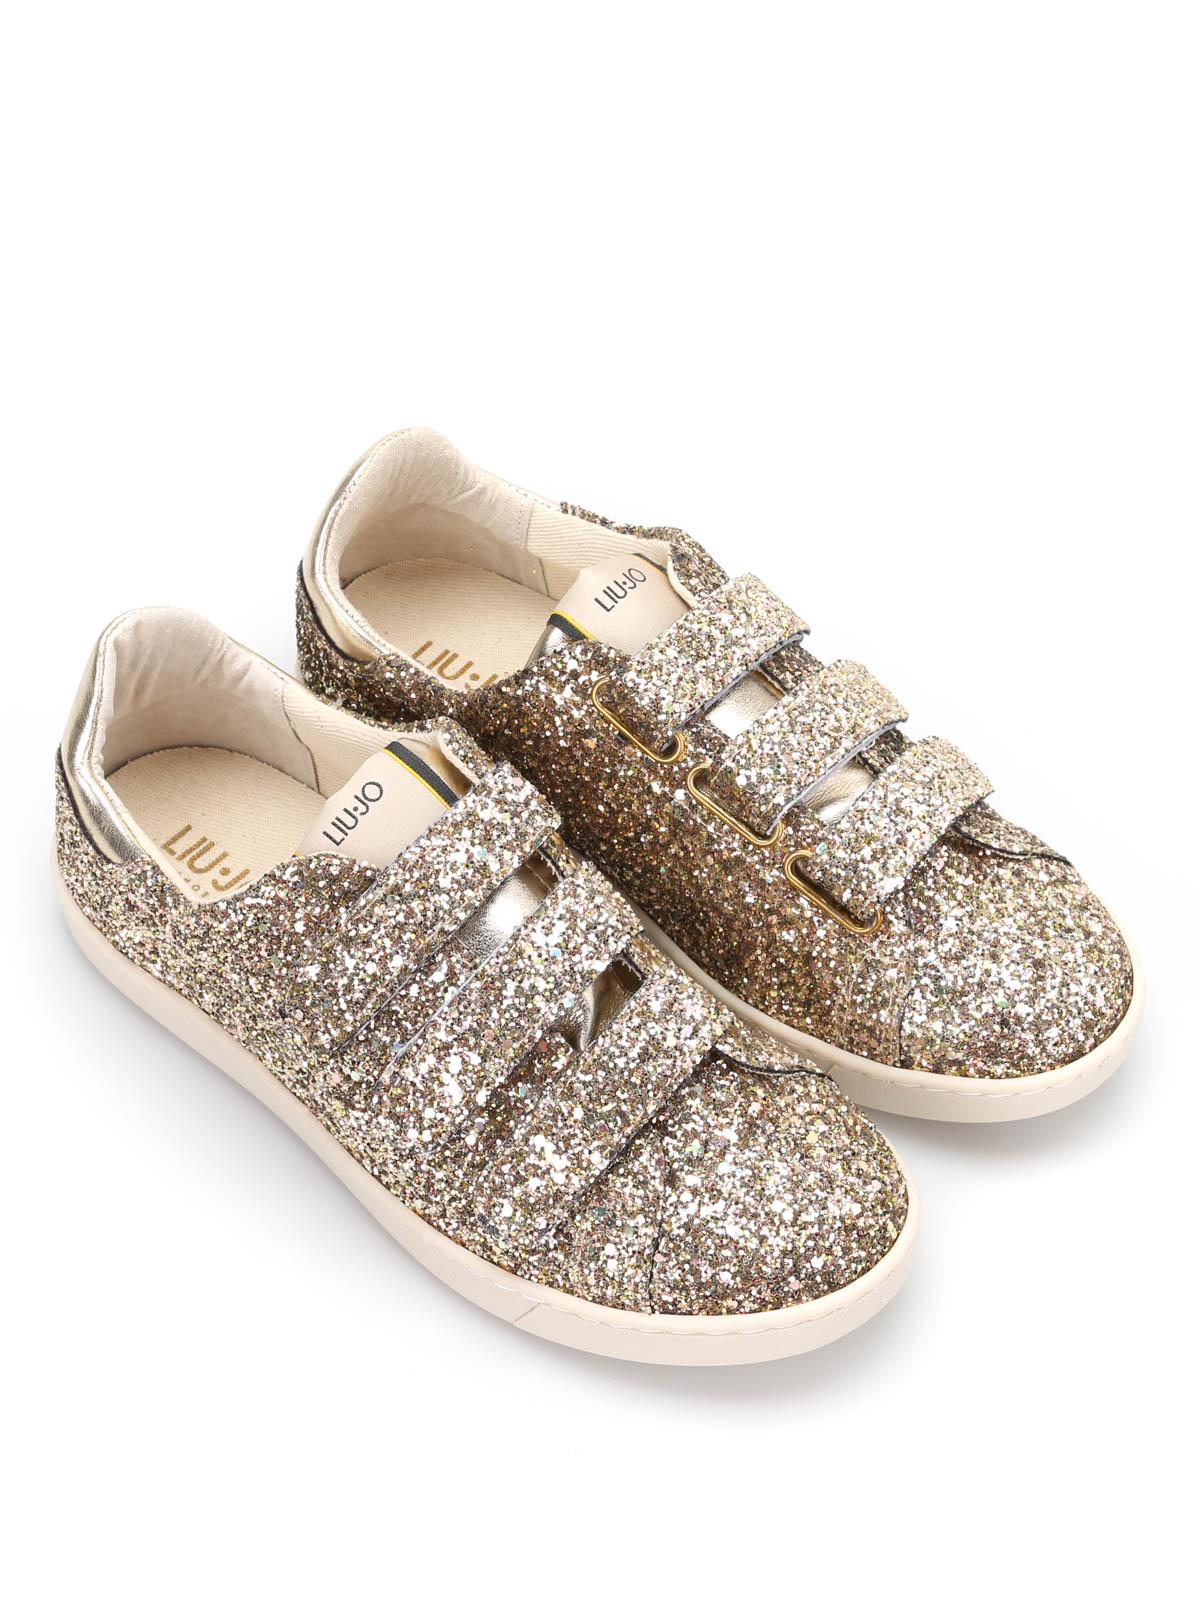 Liu Jo - Celie sneakers - trainers - S16161T670100529  c2b8cb4dd60